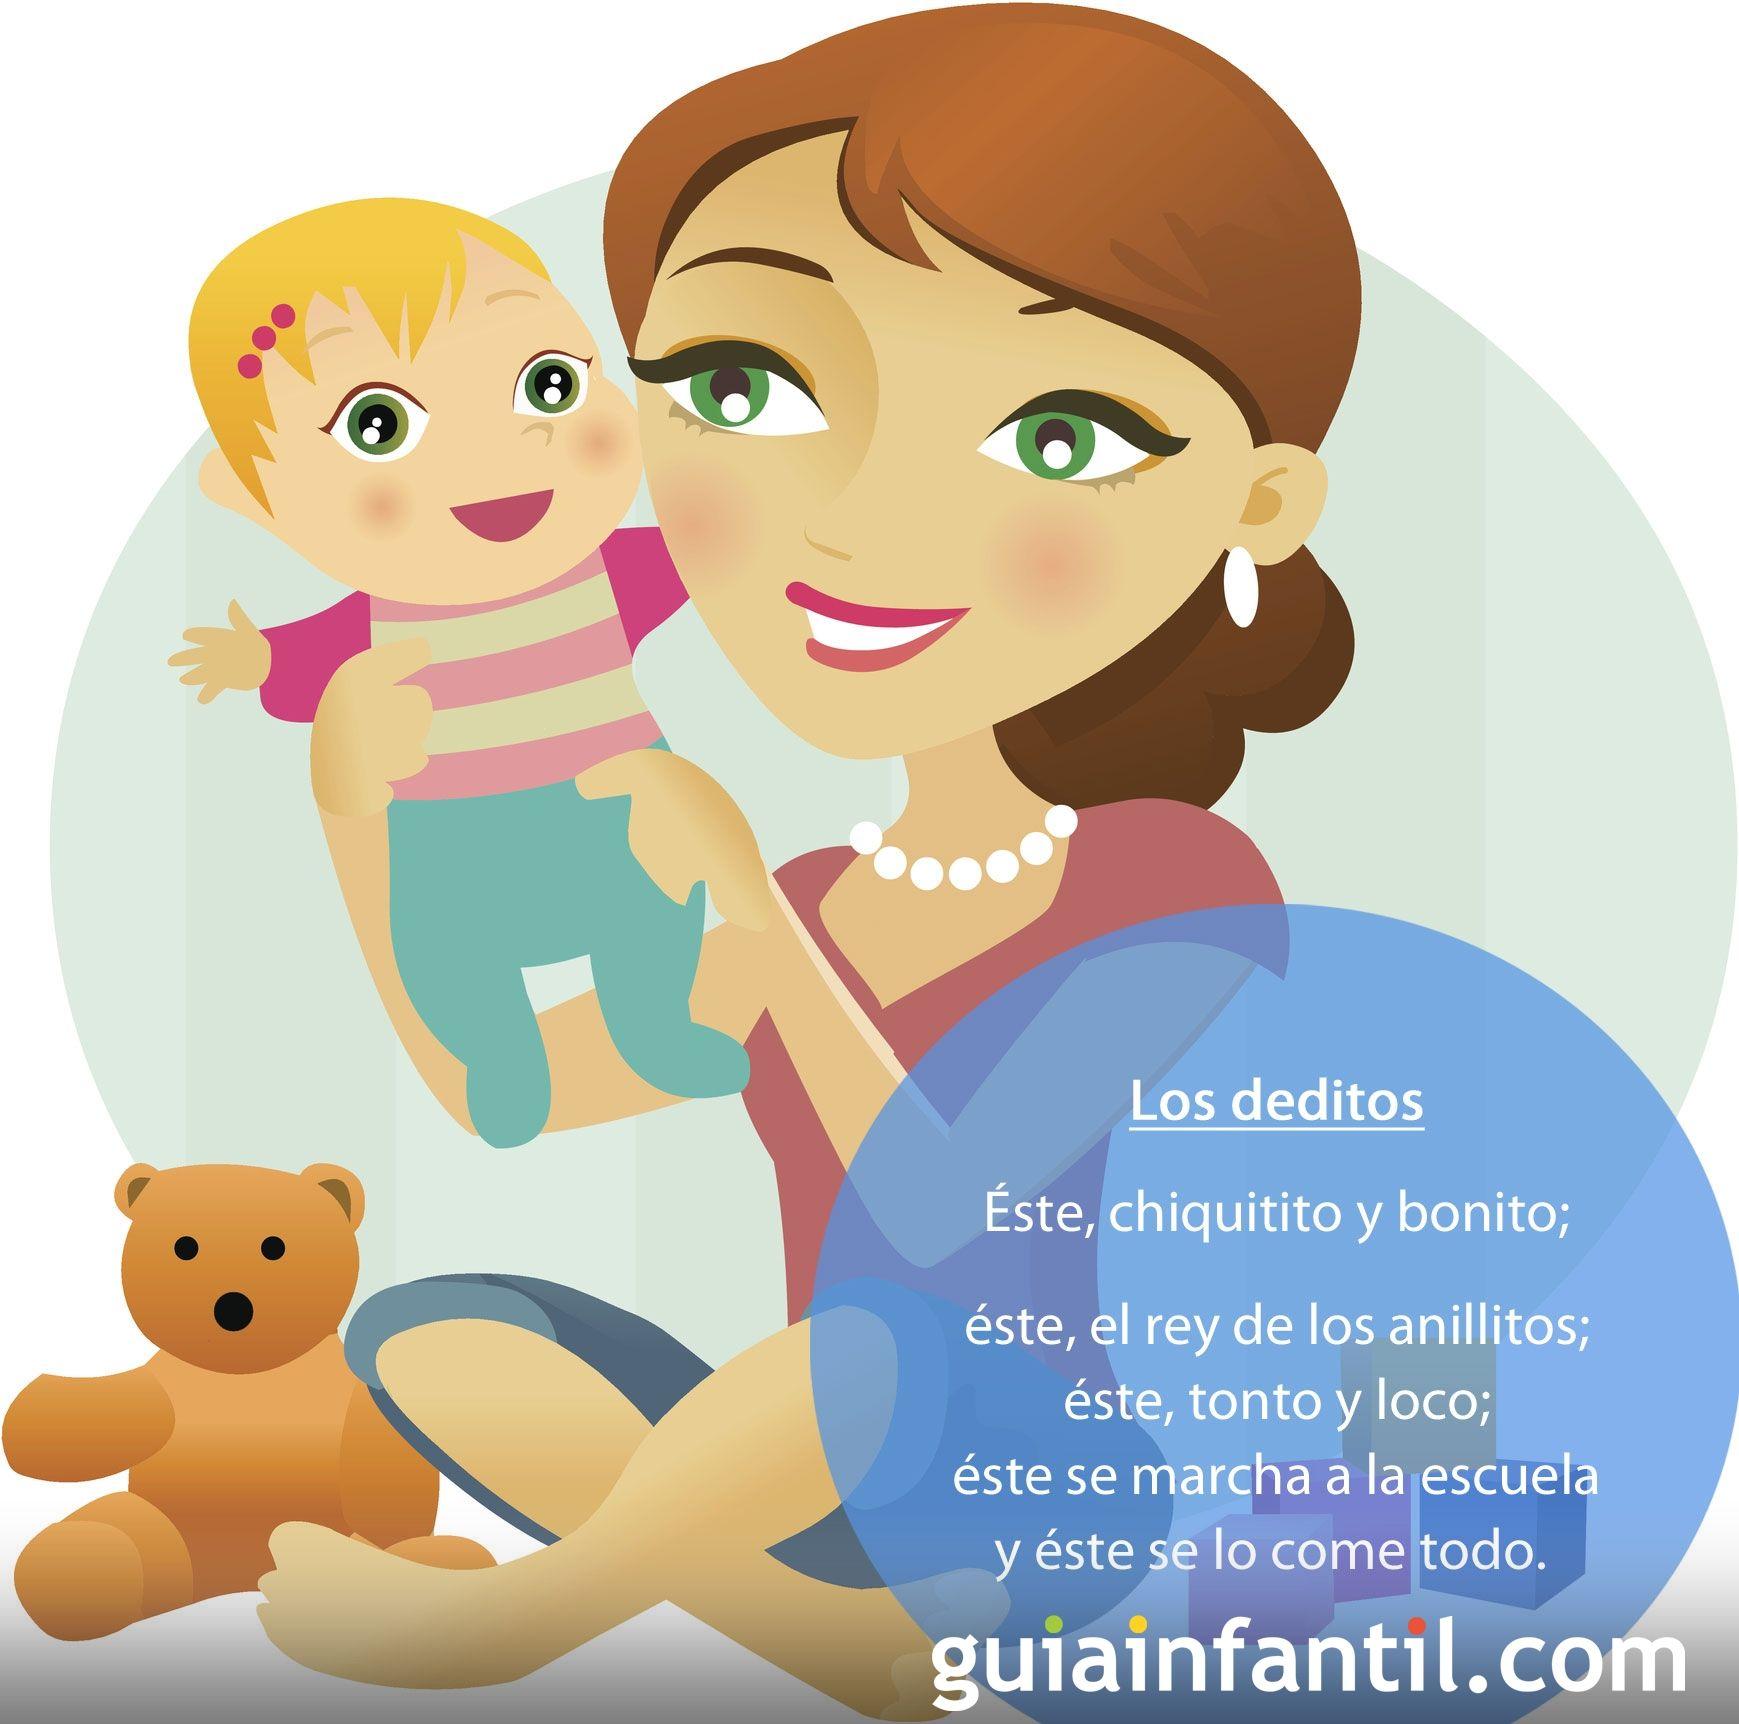 Canción Los deditos para jugar con los bebés